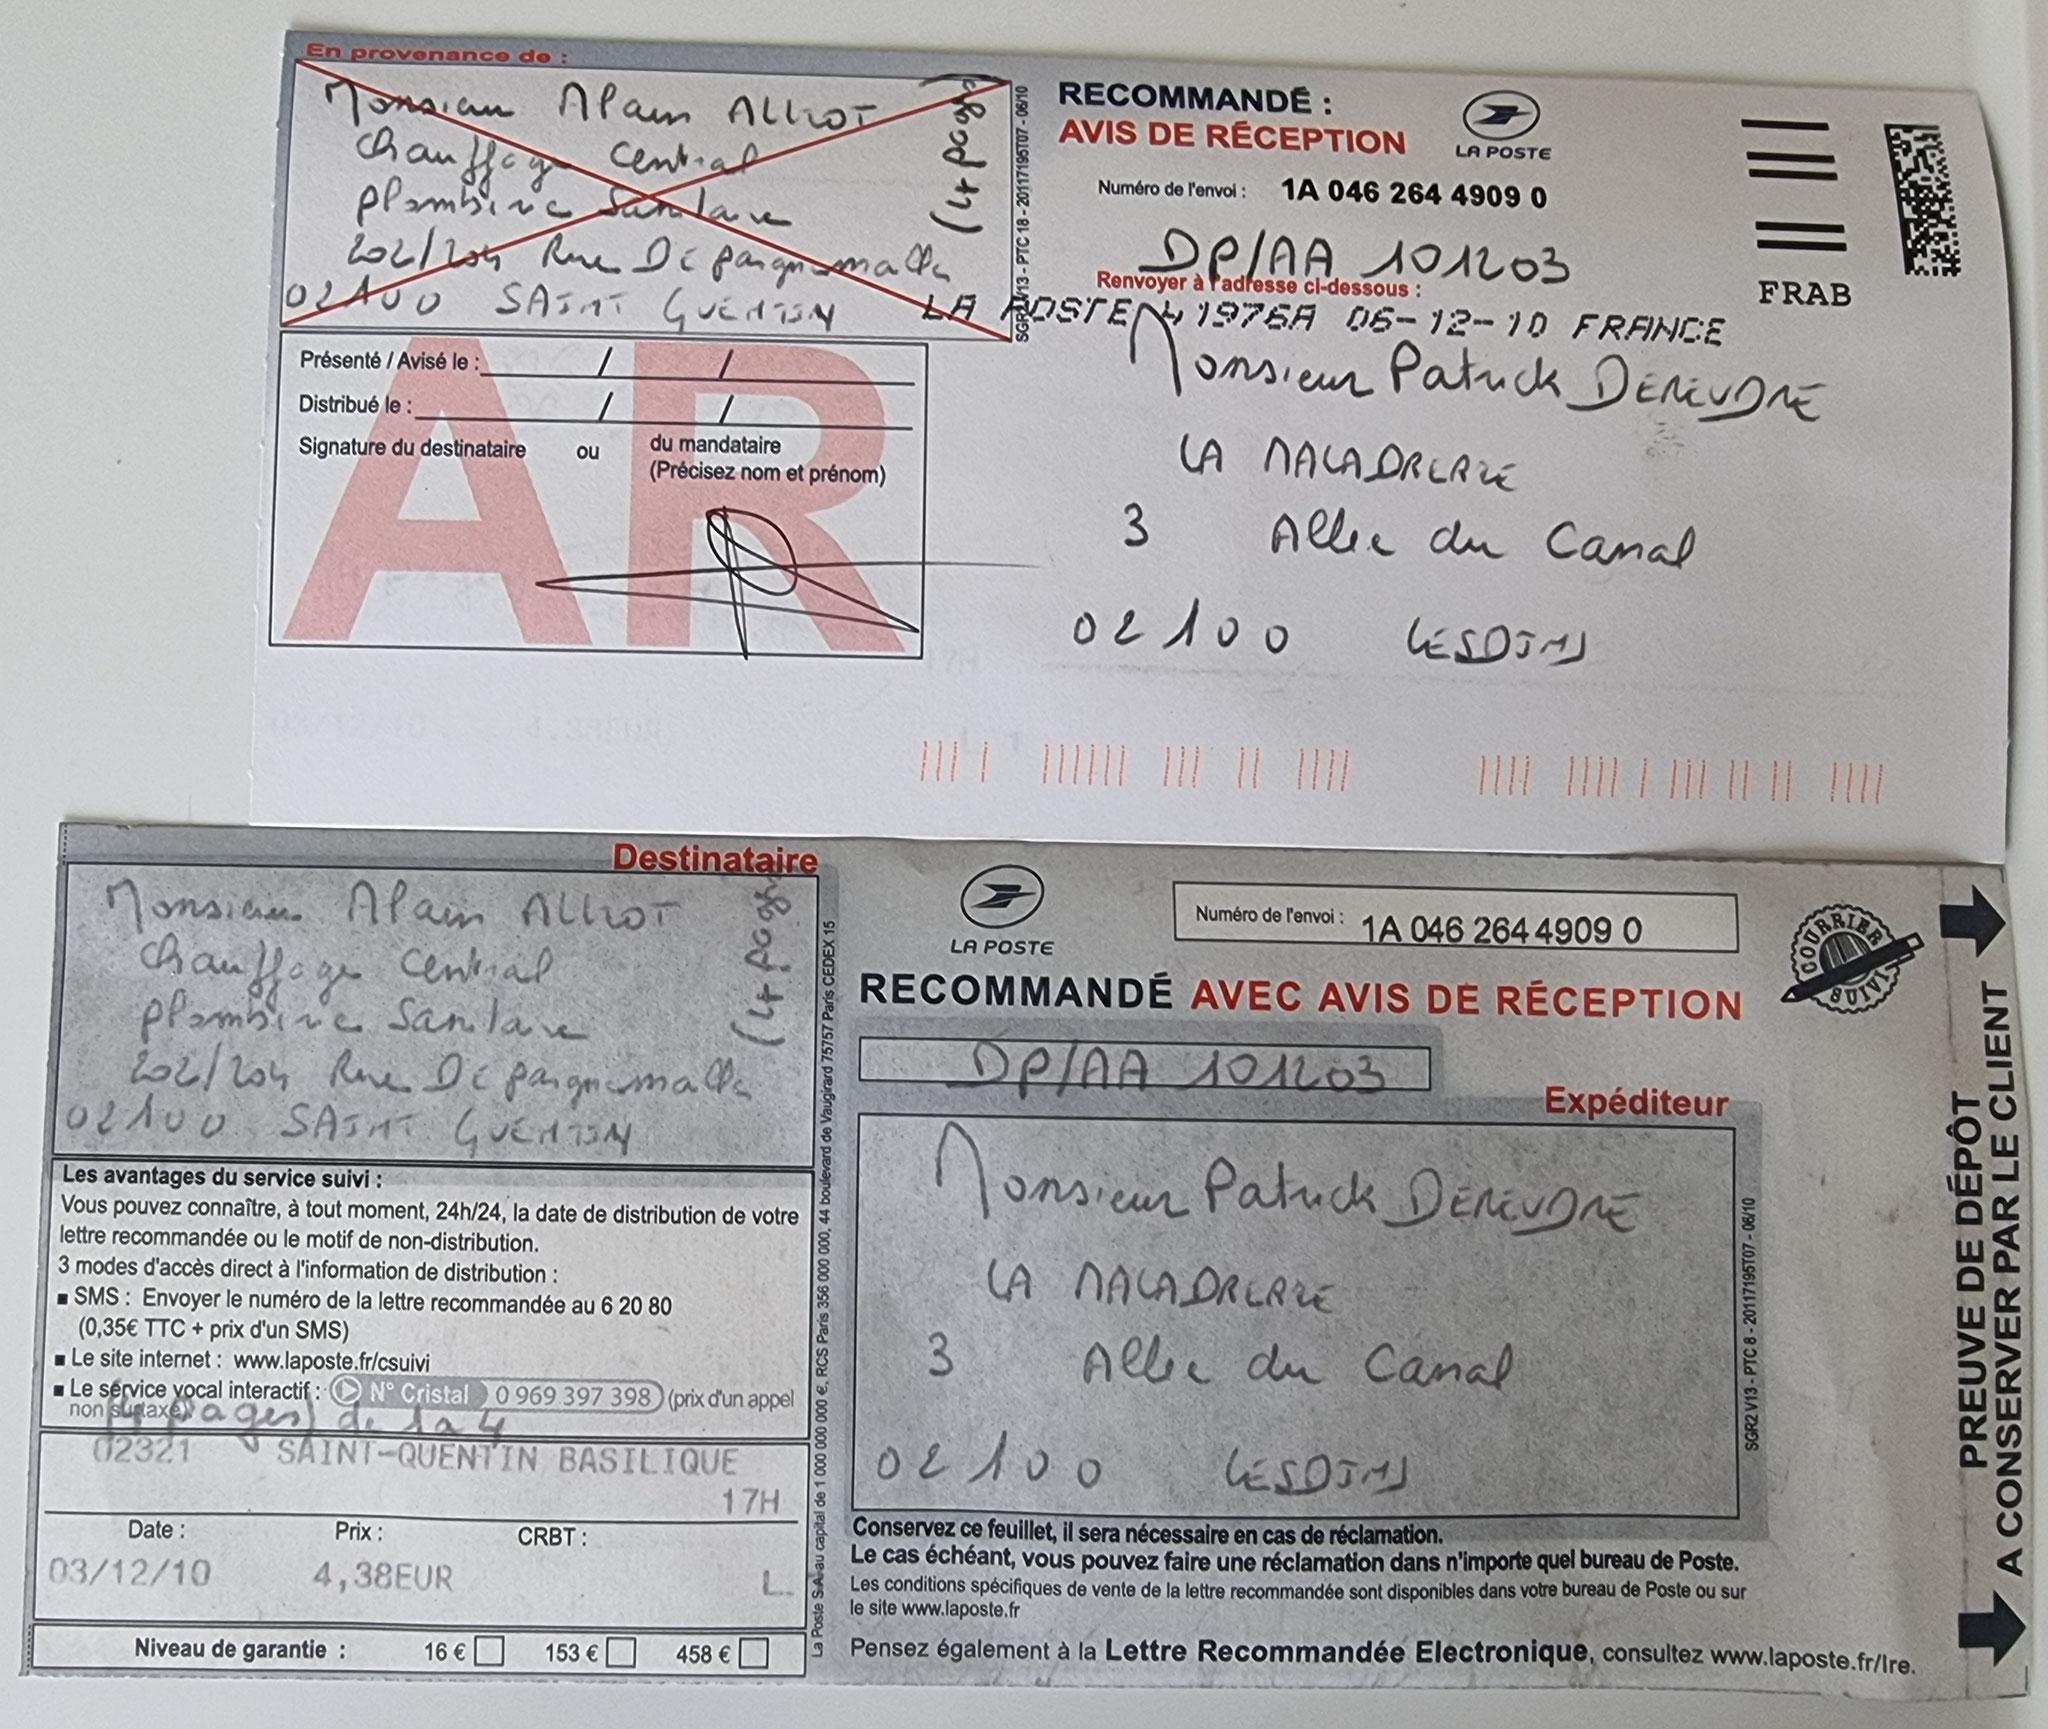 Le 03 Décembre 2010 j'adresse une LRAR de quatre pages à Monsieur Alain ALLIOT.  INACCEPTABLE  BORDERLINE      EXPERTISES JUDICIAIRES ENTRE COPAINS...  www.jenesuispasunchien.fr www.jesuisvictime.fr www.jesuispatrick.fr